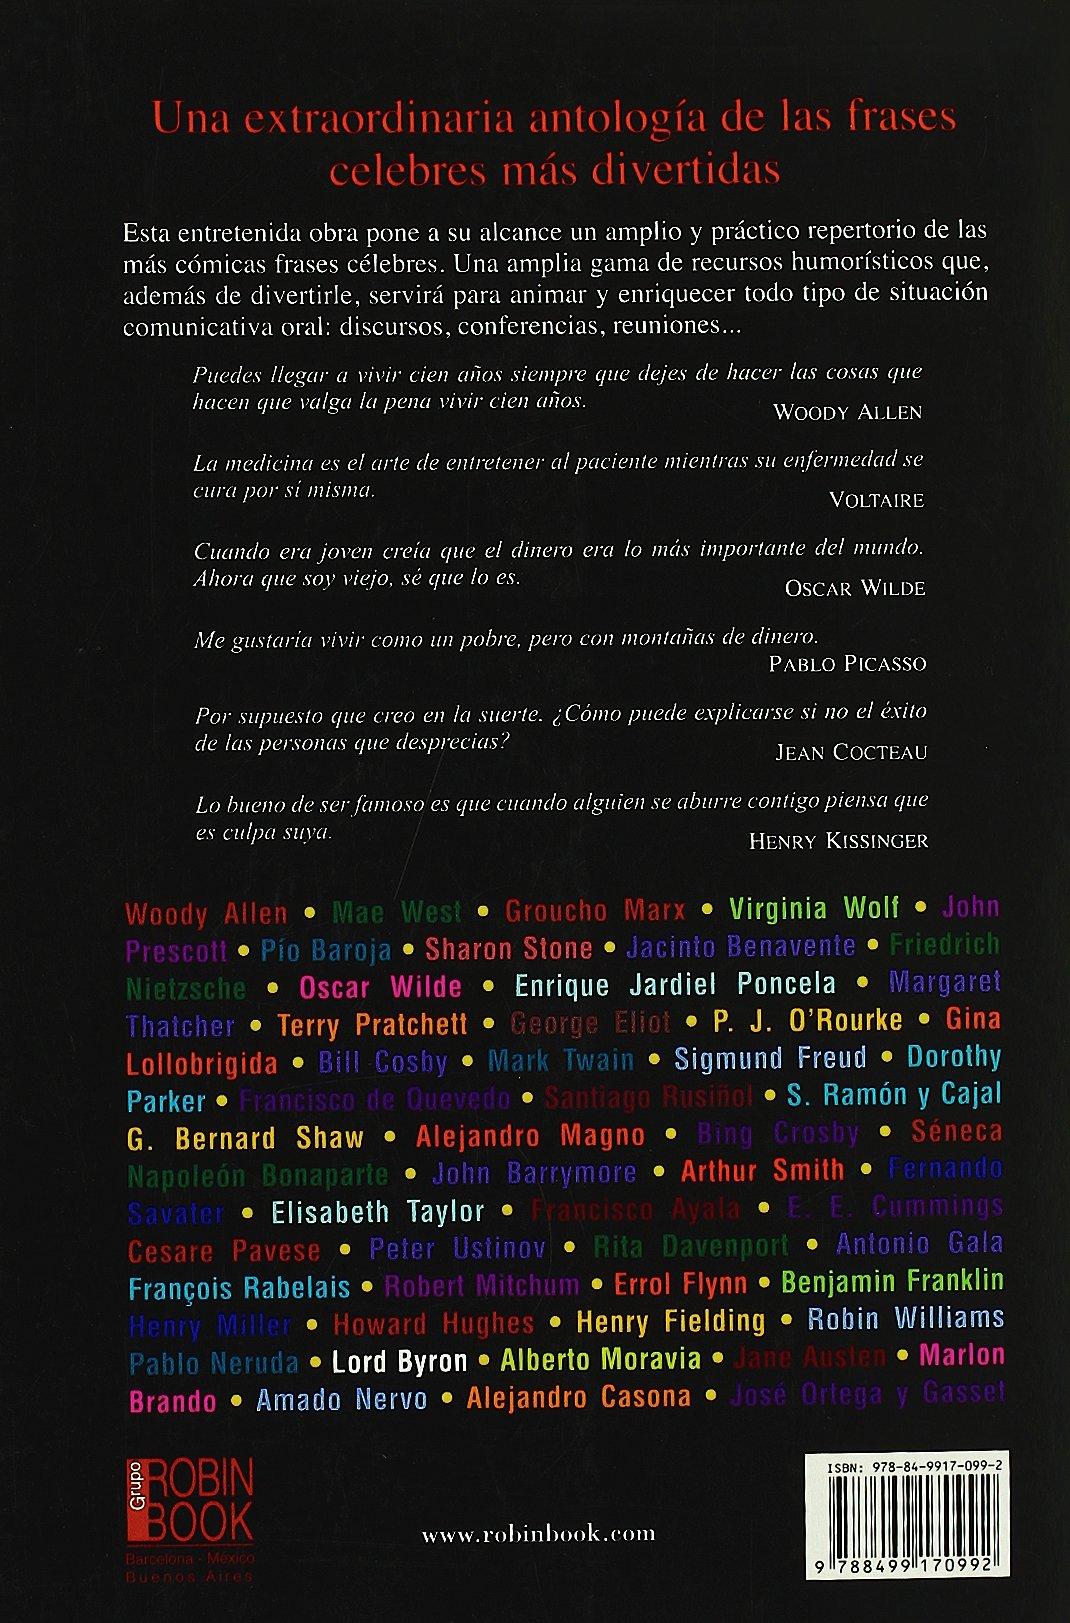 Mejores frases de humor, las: Una extraordinaria antología de las frases celebrs más divertidas Humor robin Book: Amazon.es: Samuel Red: Libros